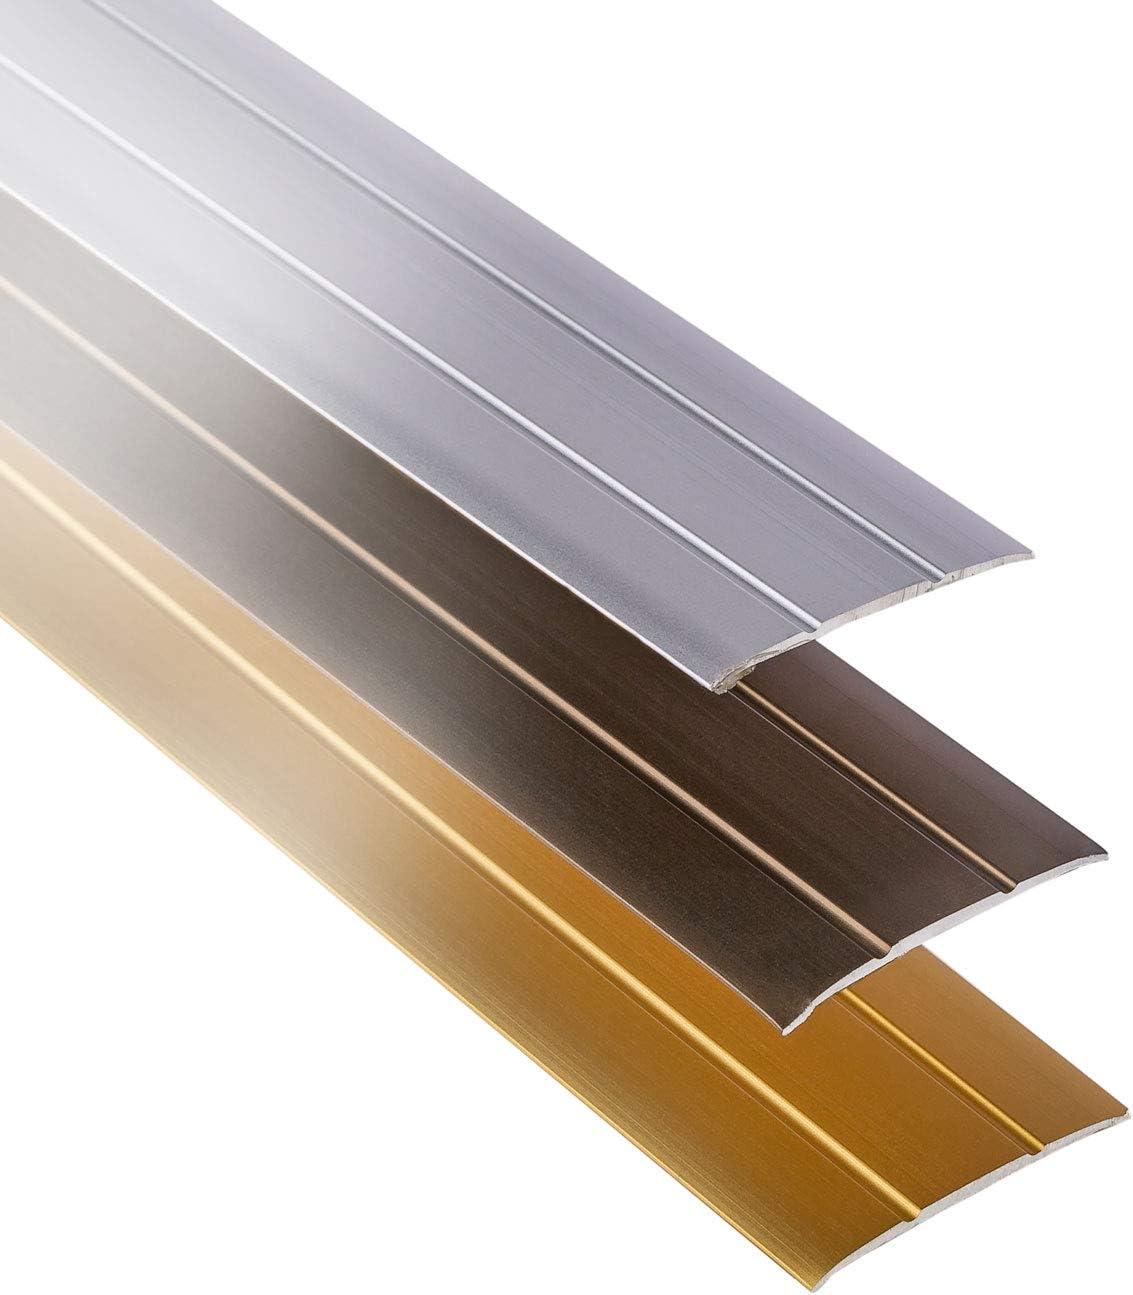 Vinyl Breite 37 mm Boden-Schiene Alu Teppich UVM Gedotec /Übergangsprofil selbstklebend /Übergangs-Schiene Laminat 1 St/ück Aluminium Bronze eloxiert   Boden-Profil flach L/änge 100 cm